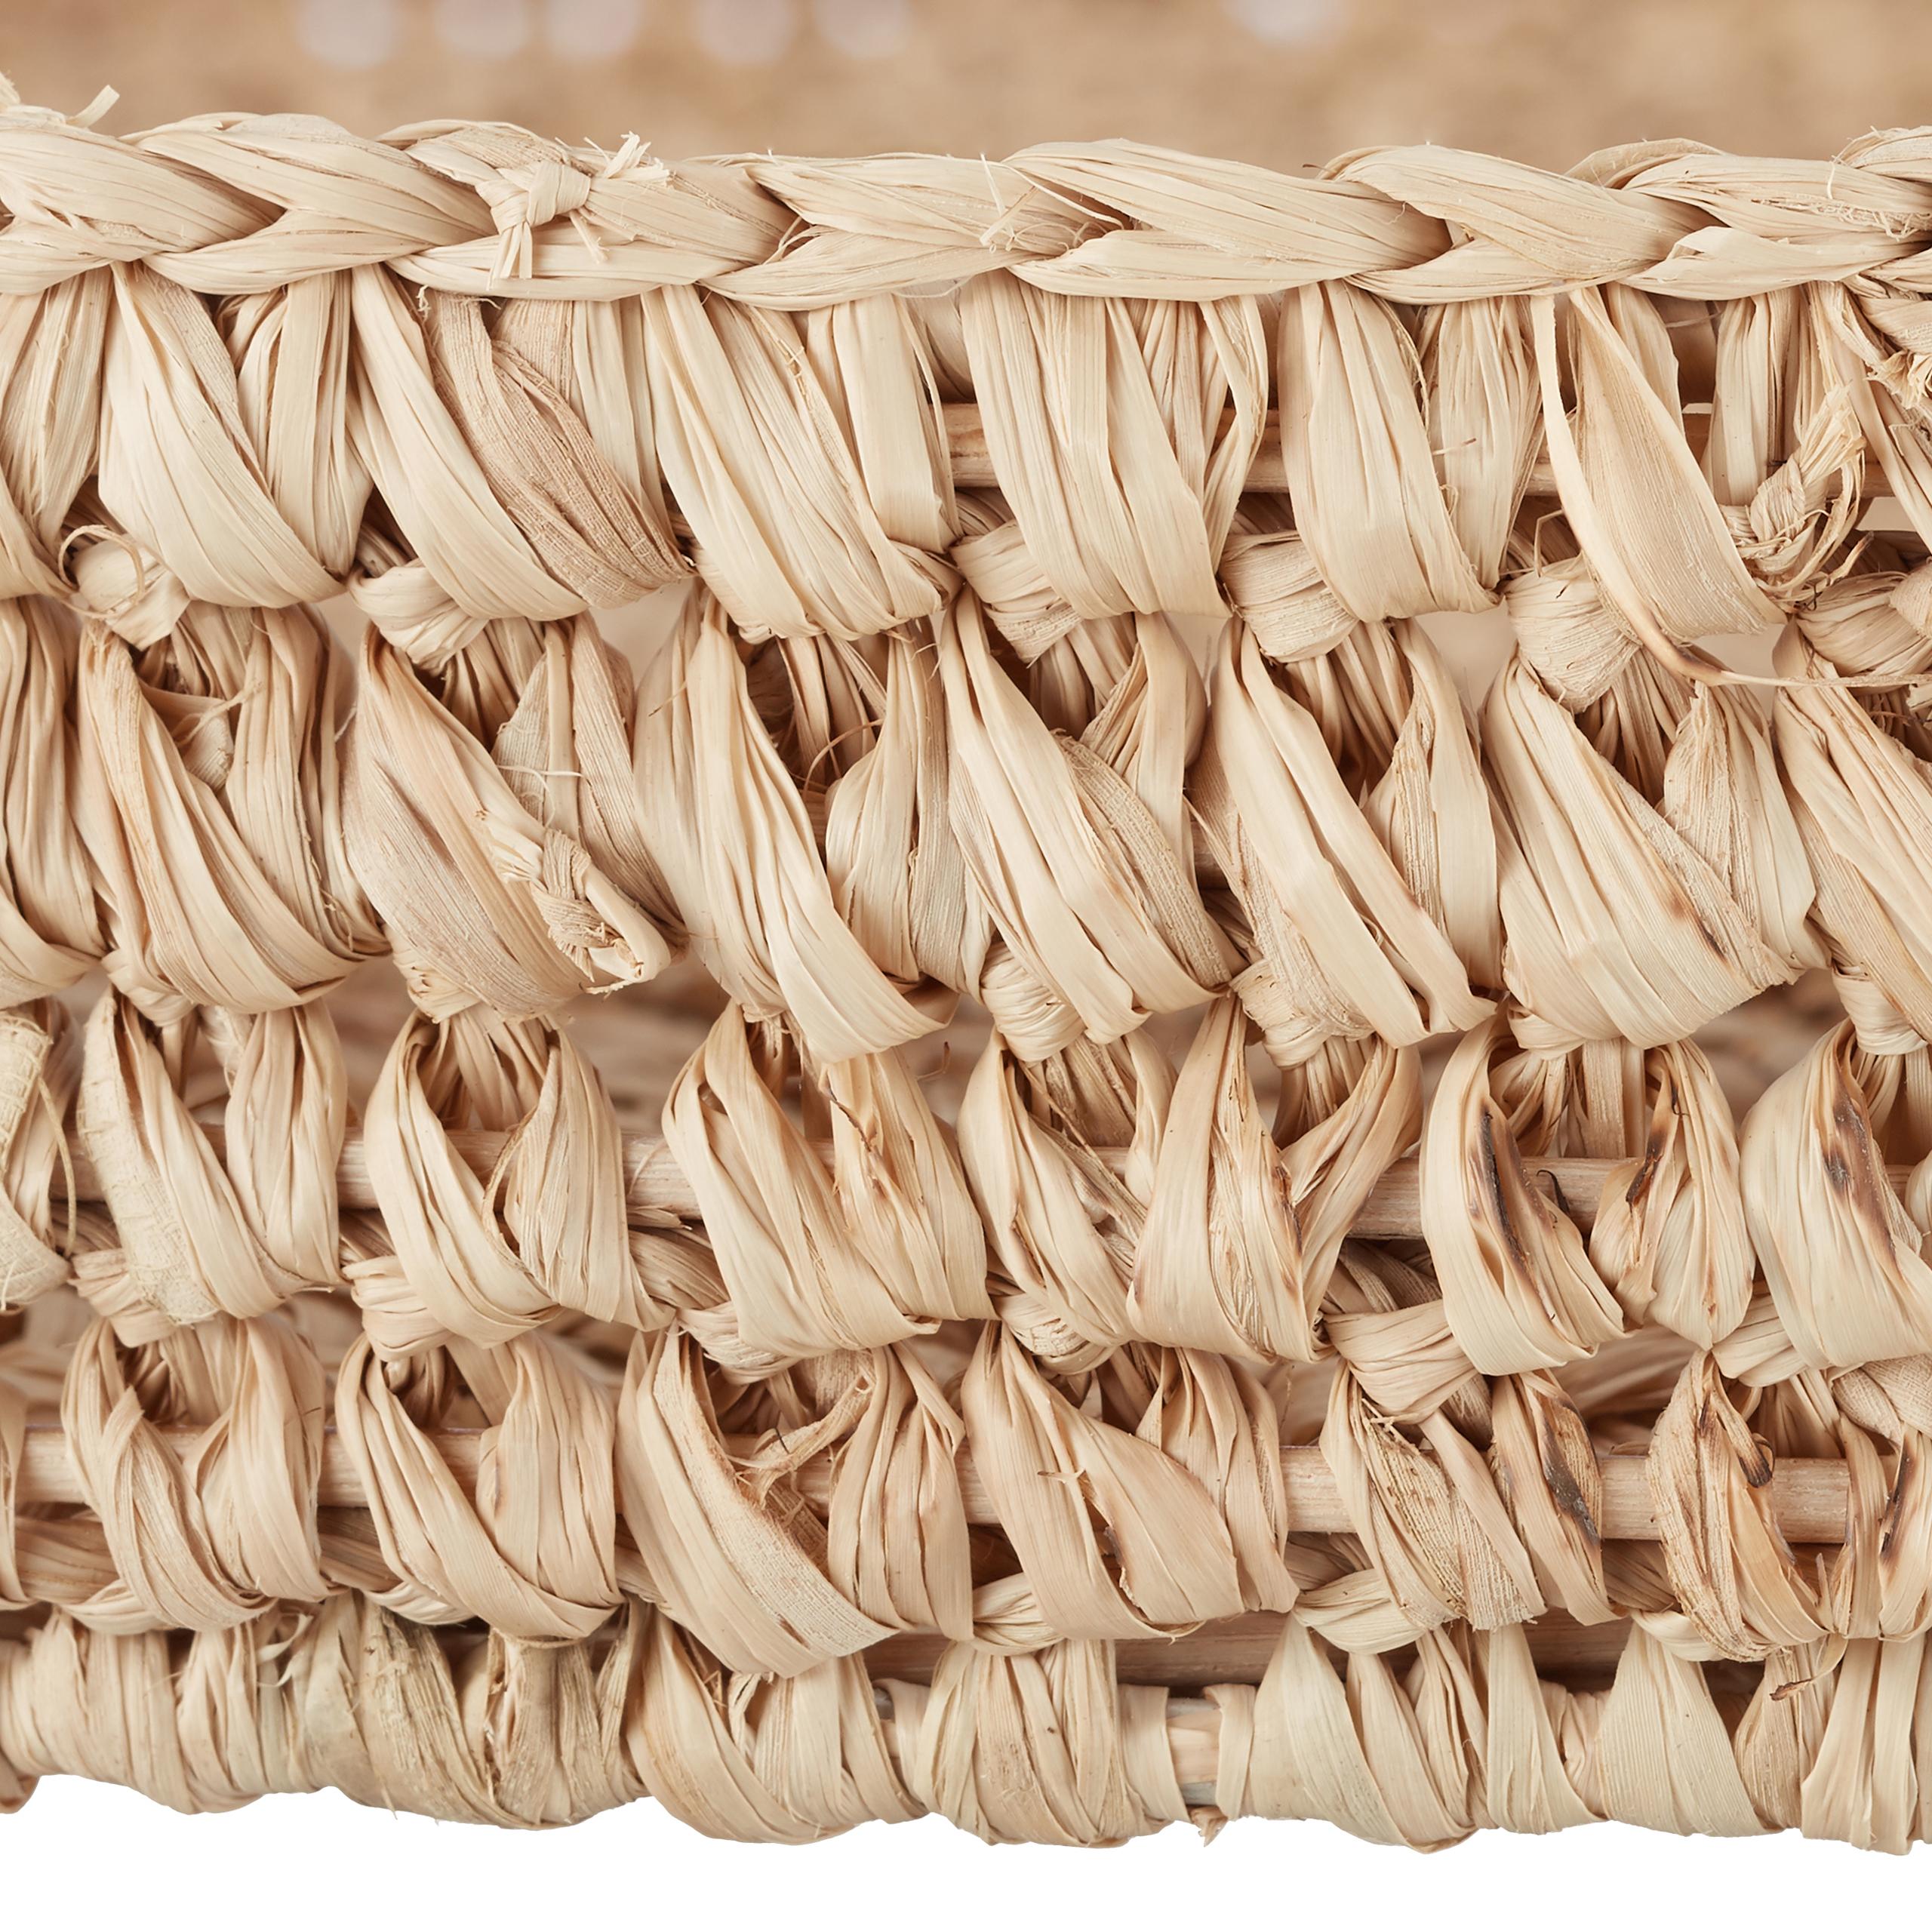 Klapptisch Falttisch Tabletttisch Beistelltisch Stehtablett Gestell Ablagetisch